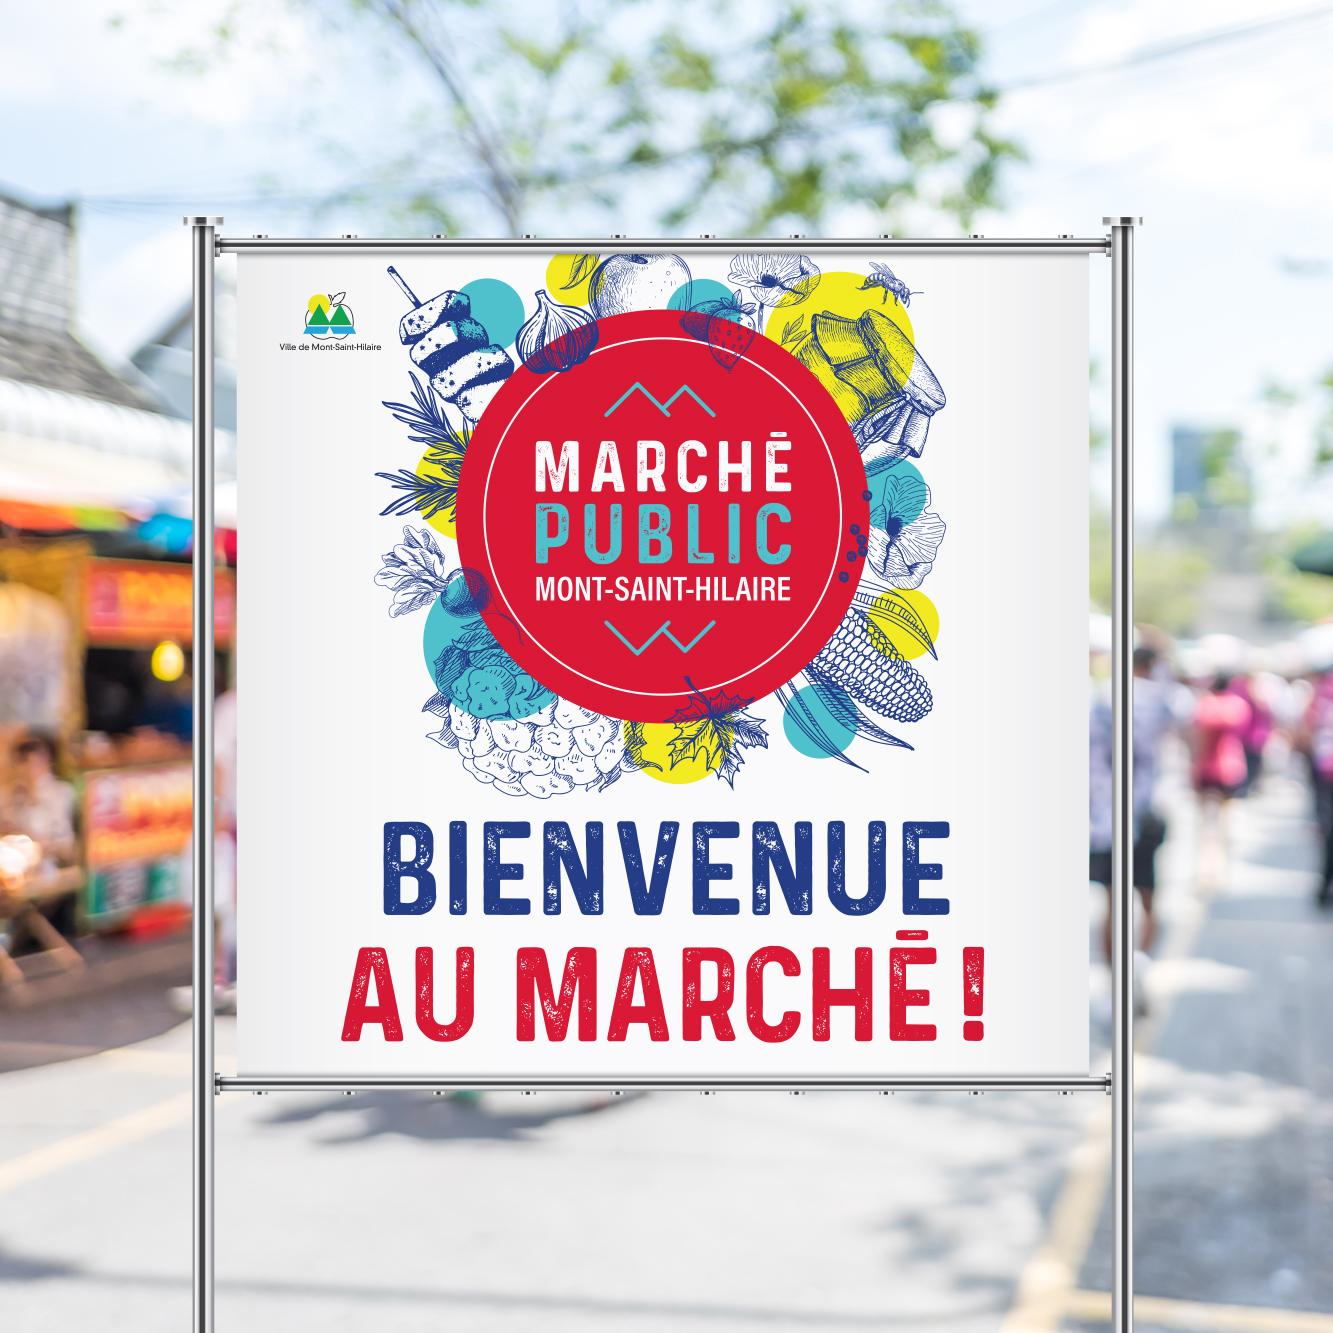 affiche marché public mont-saint-hilaire